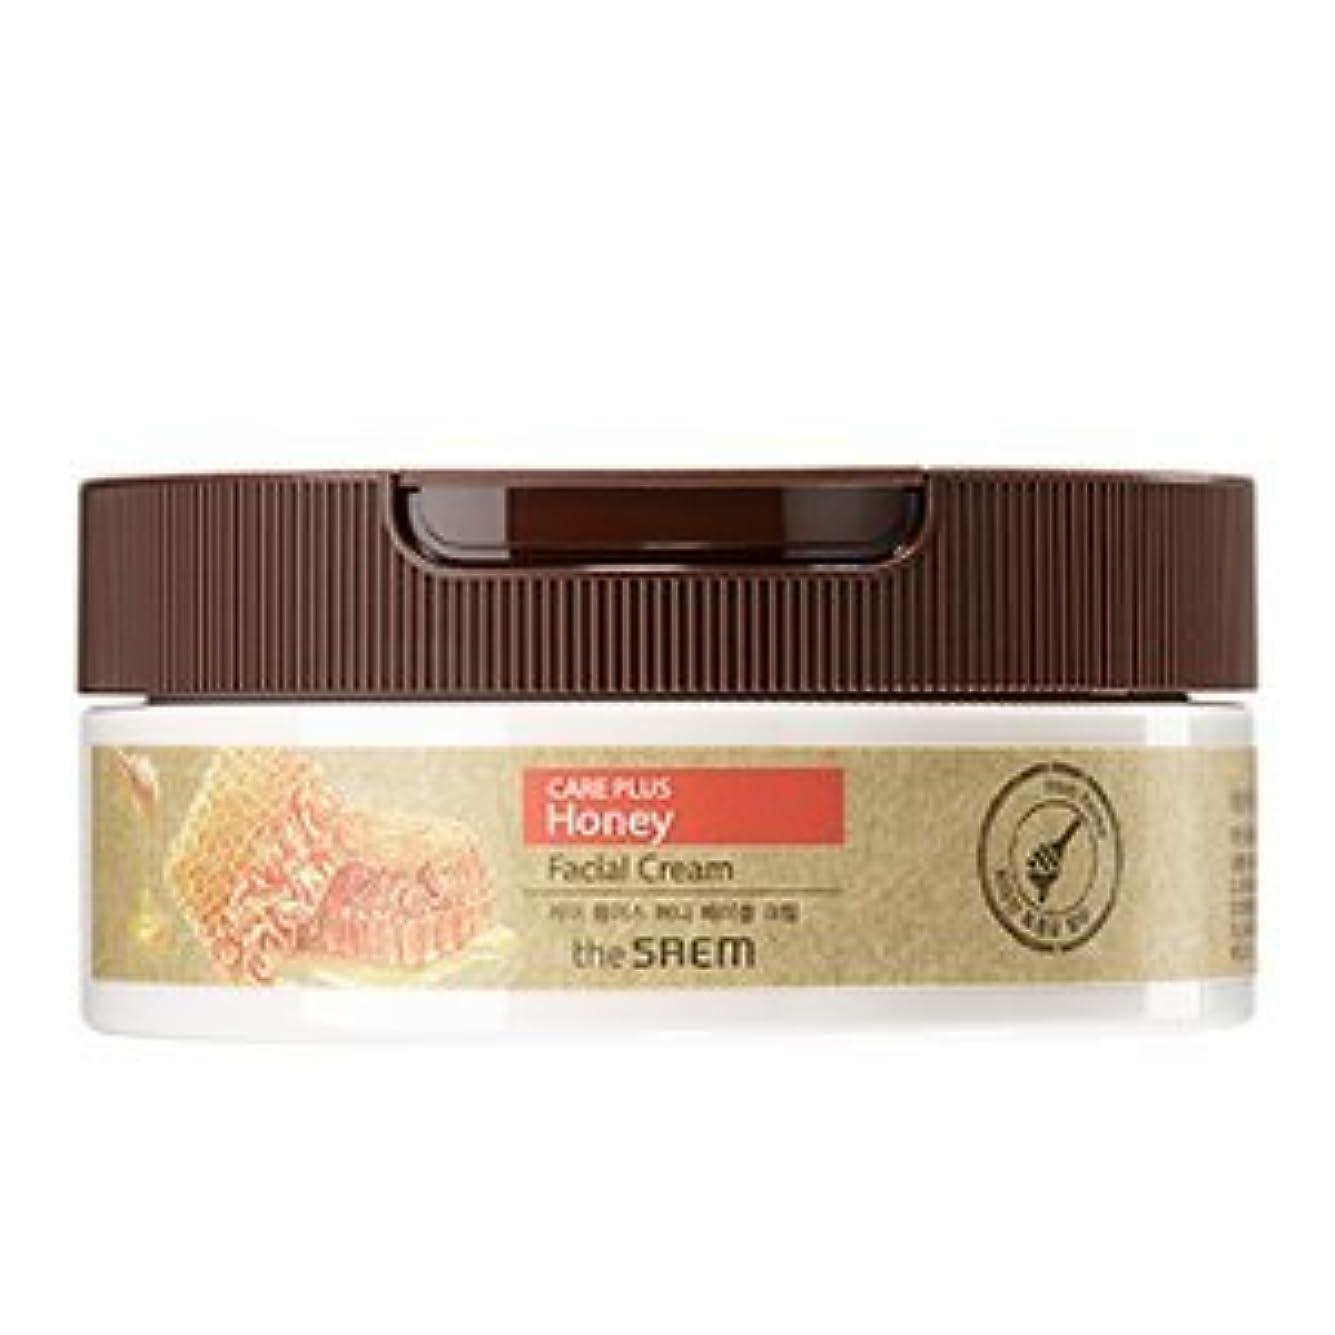 運動するブルーベル背骨the SAEM Care Plus Honey Facial Cream 200ml/ザセム ケア プラス ハニー フェイシャル クリーム 200ml [並行輸入品]